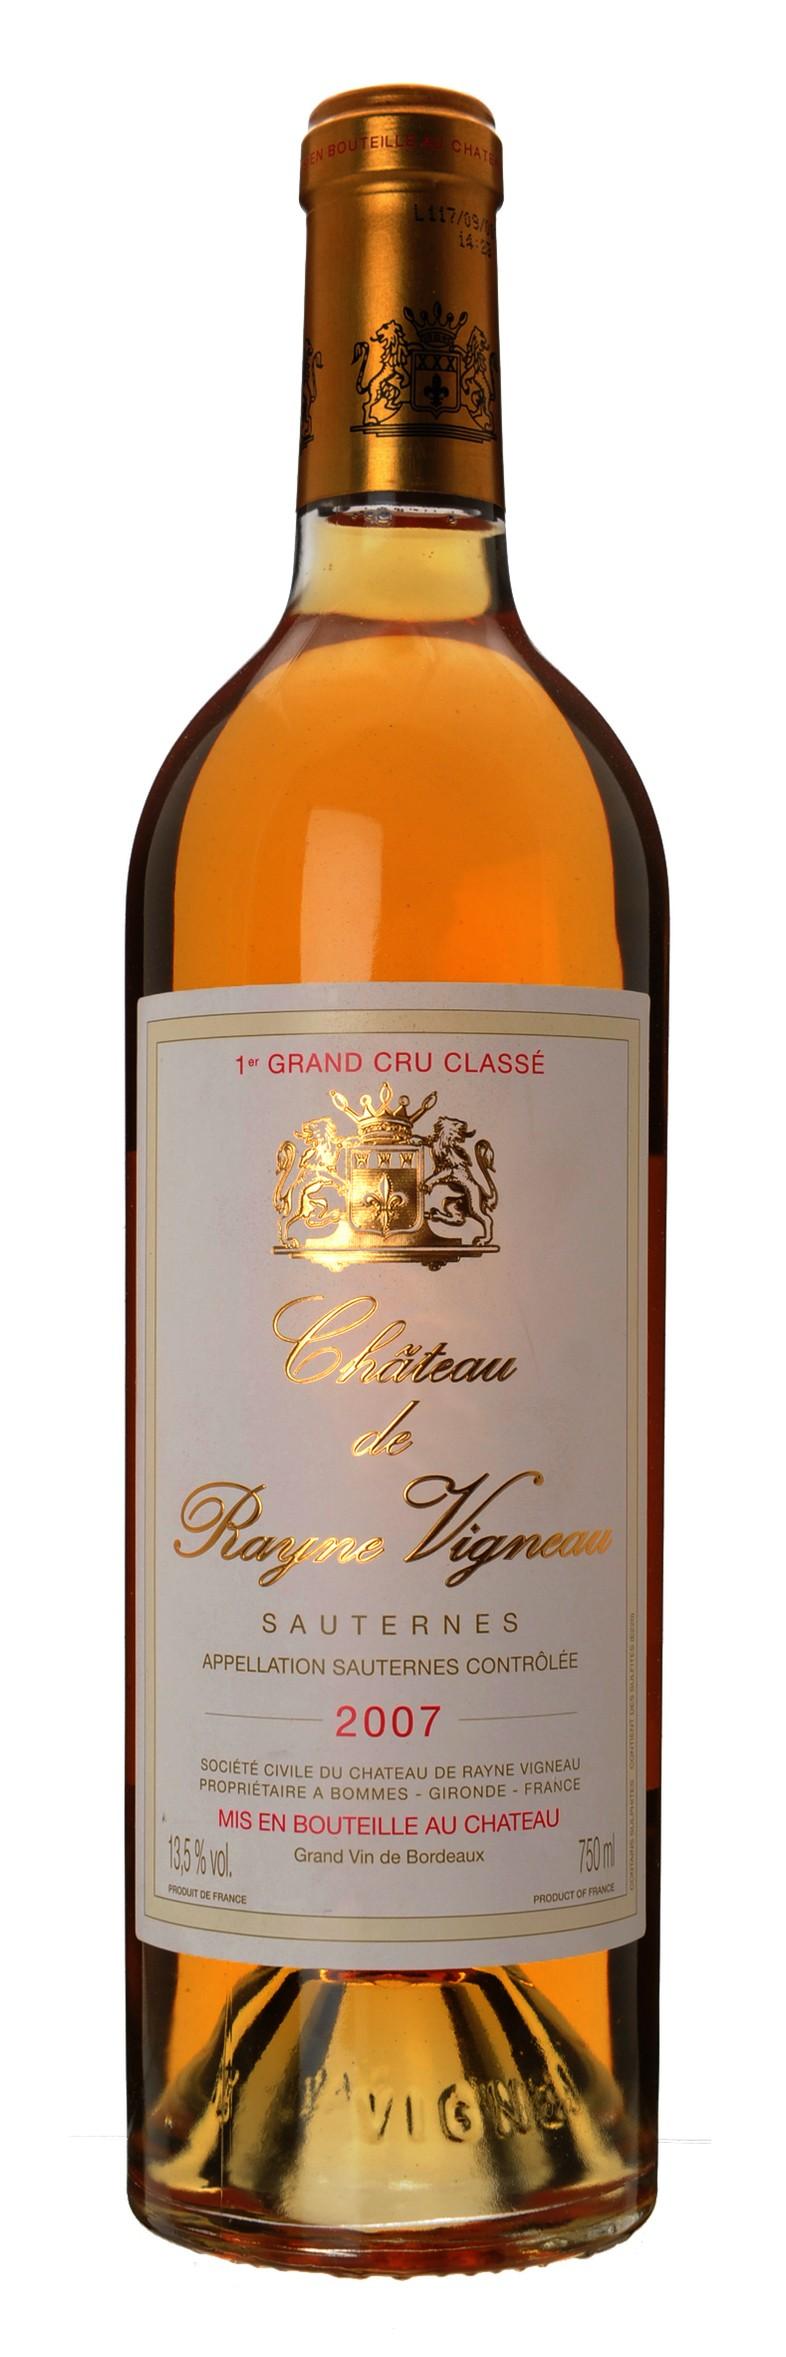 Chateau de Rayne Vigneau - 1.Grand Cru Classe, 2007